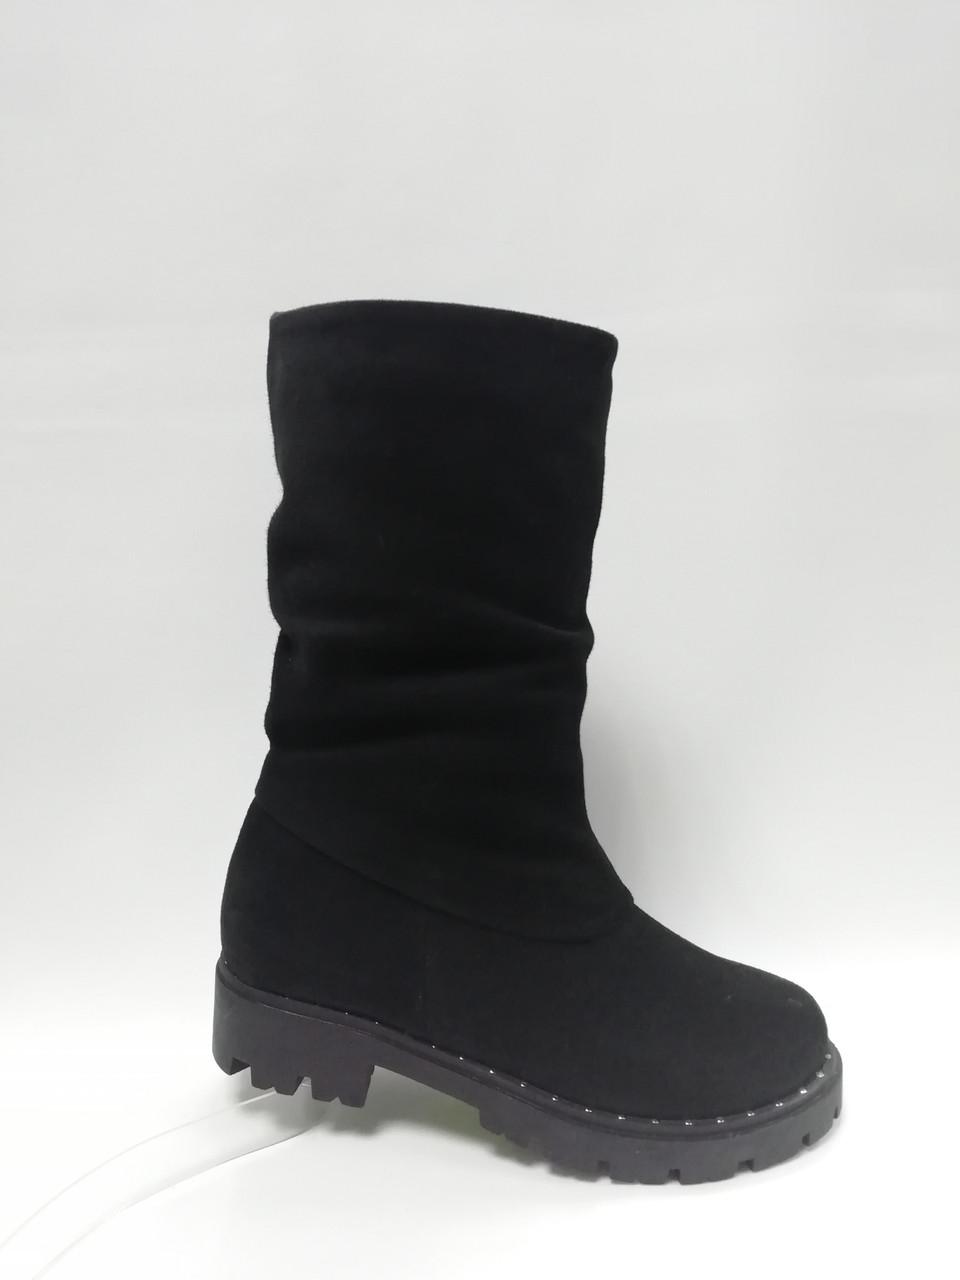 Черные замшевые  зимние сапоги. Маленькие размеры. Украина.